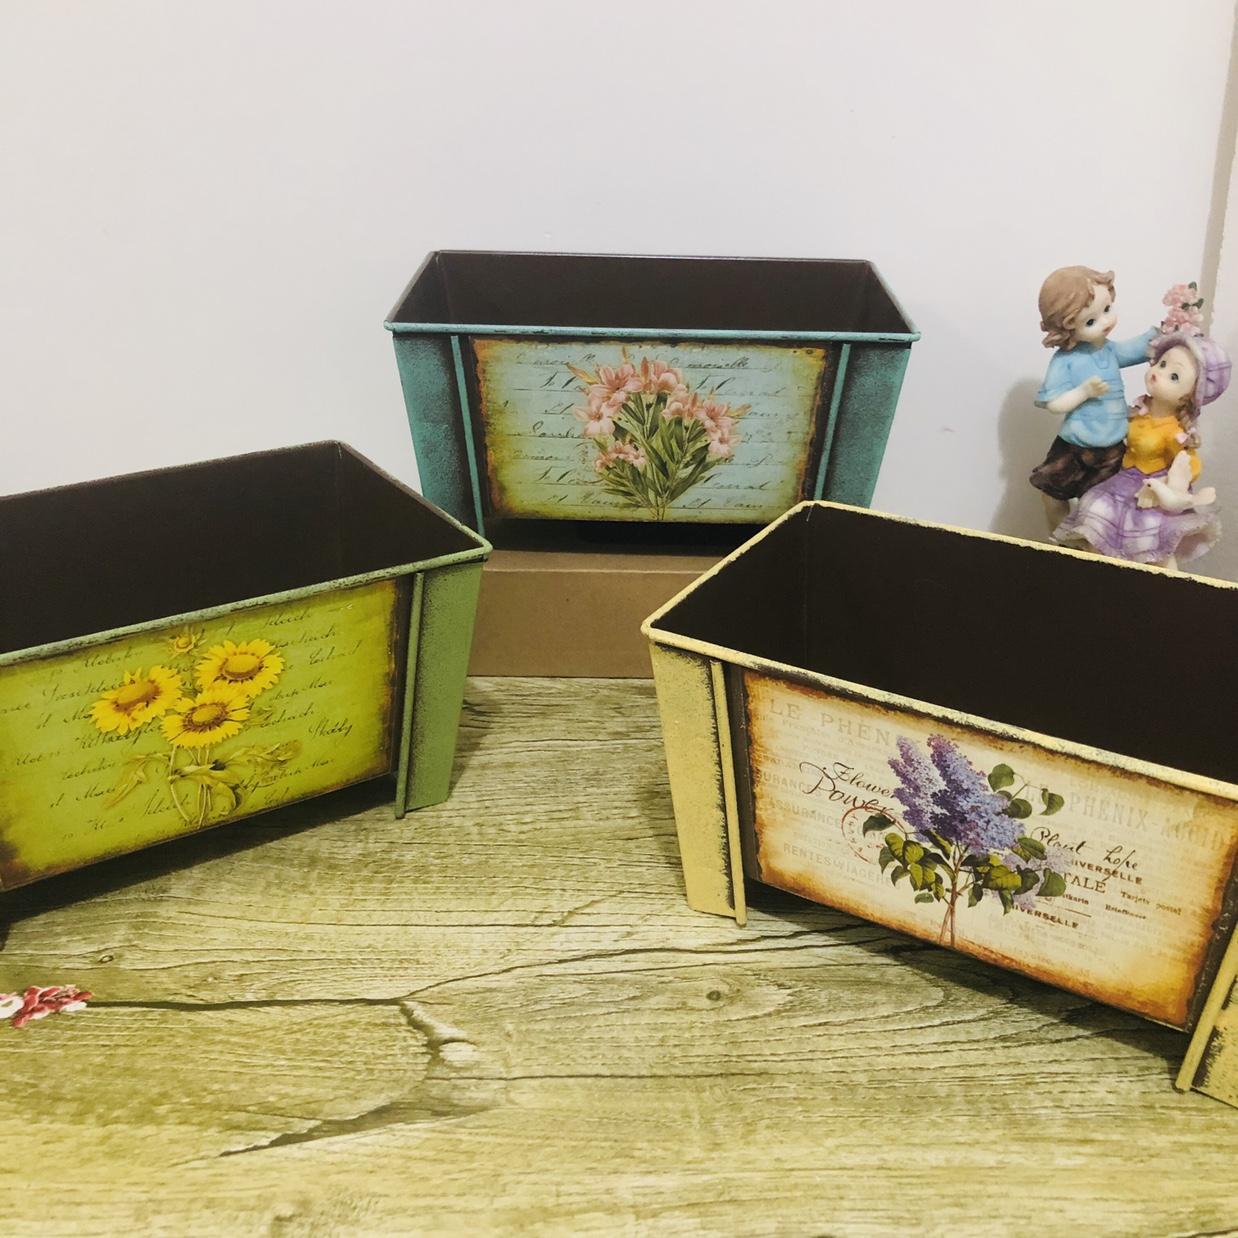 欧式复古田园风格长方形种花花器铁桶家居时尚收纳盒摆件